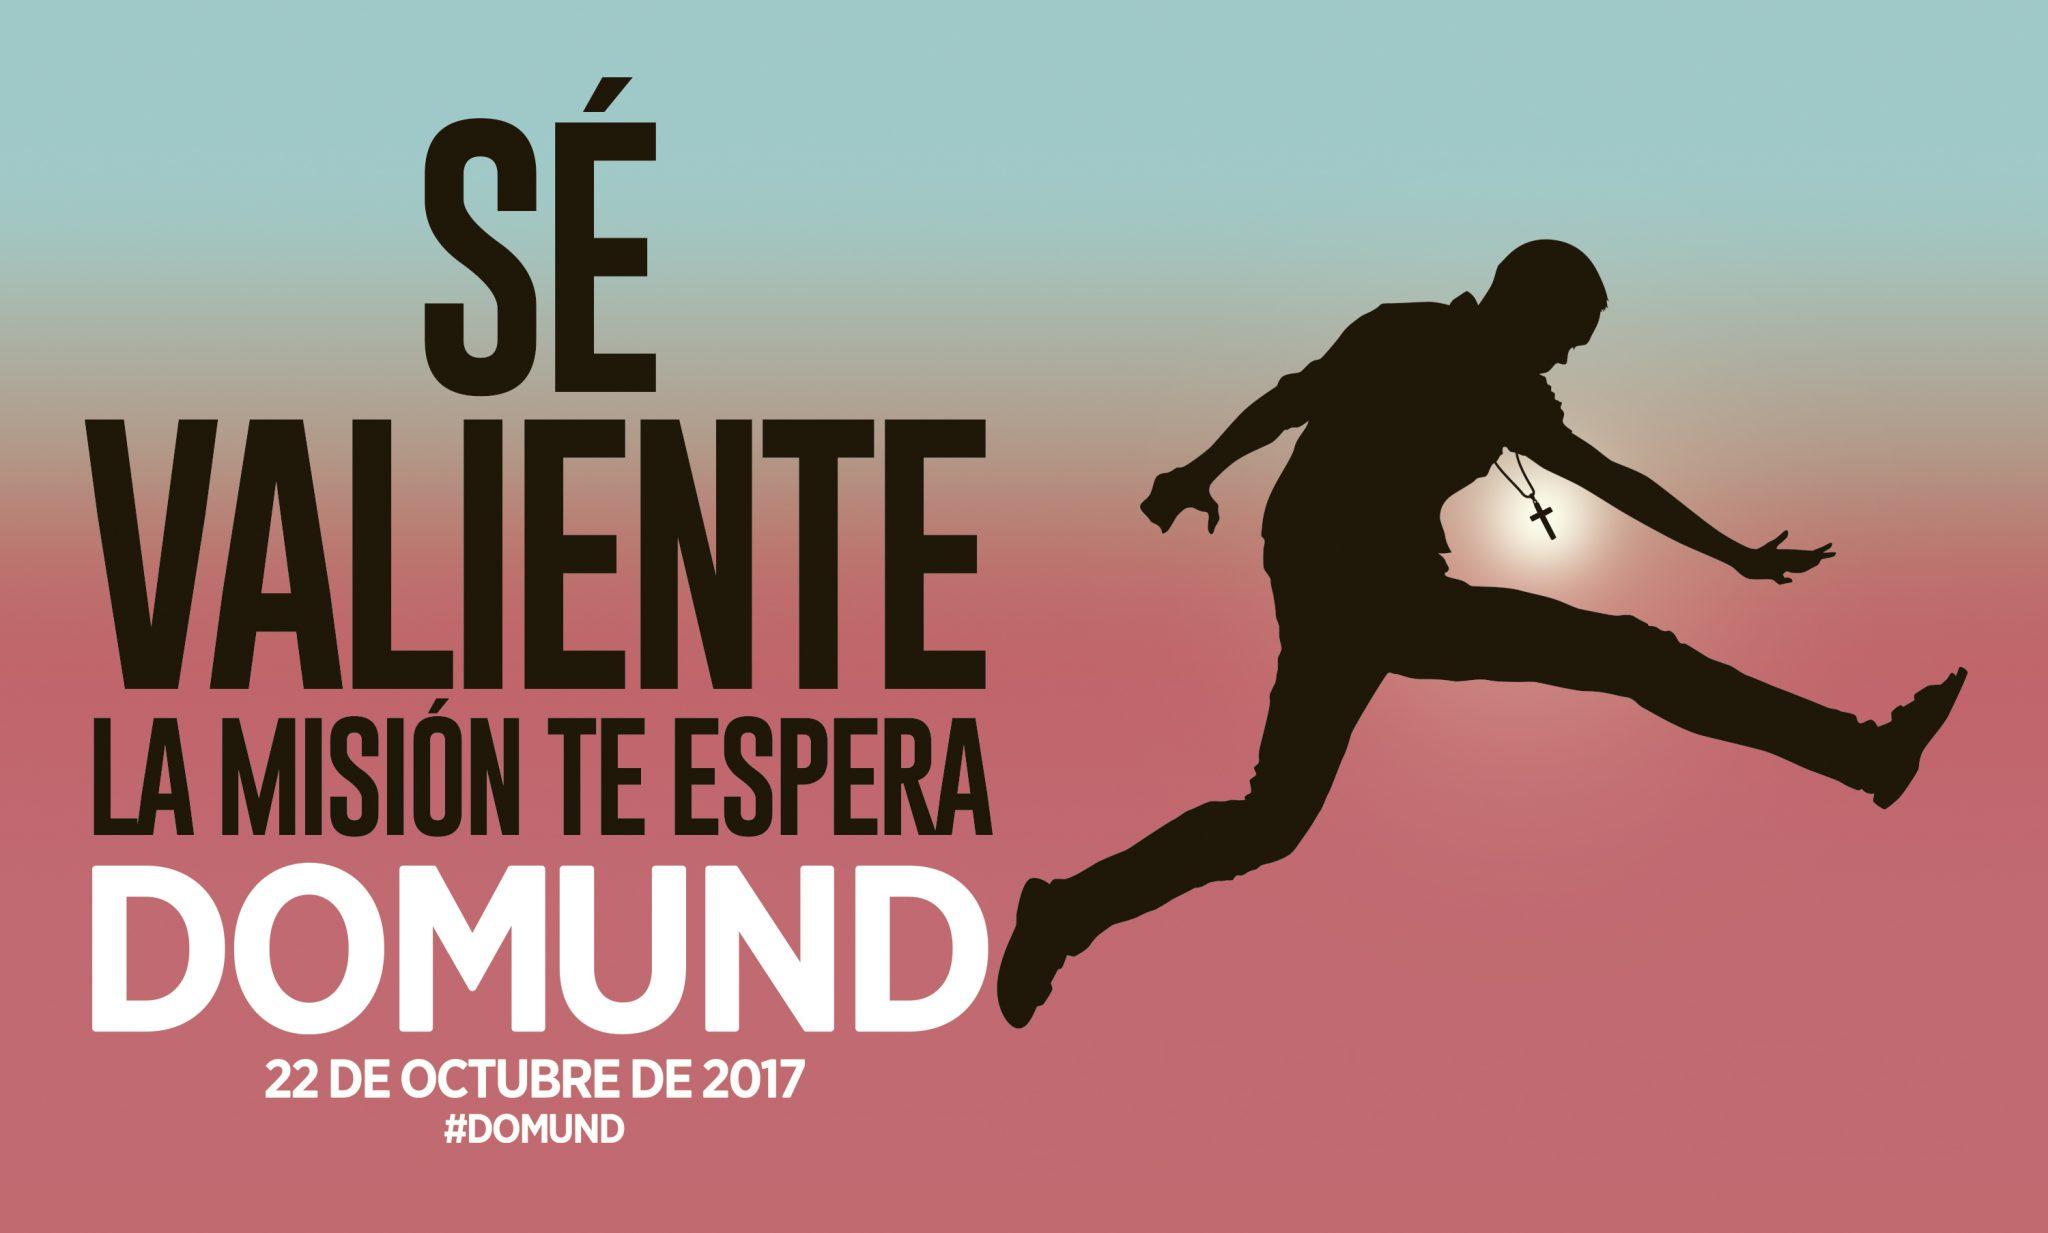 «Sé valiente, la misión te espera» es el lema del Domund 2017.